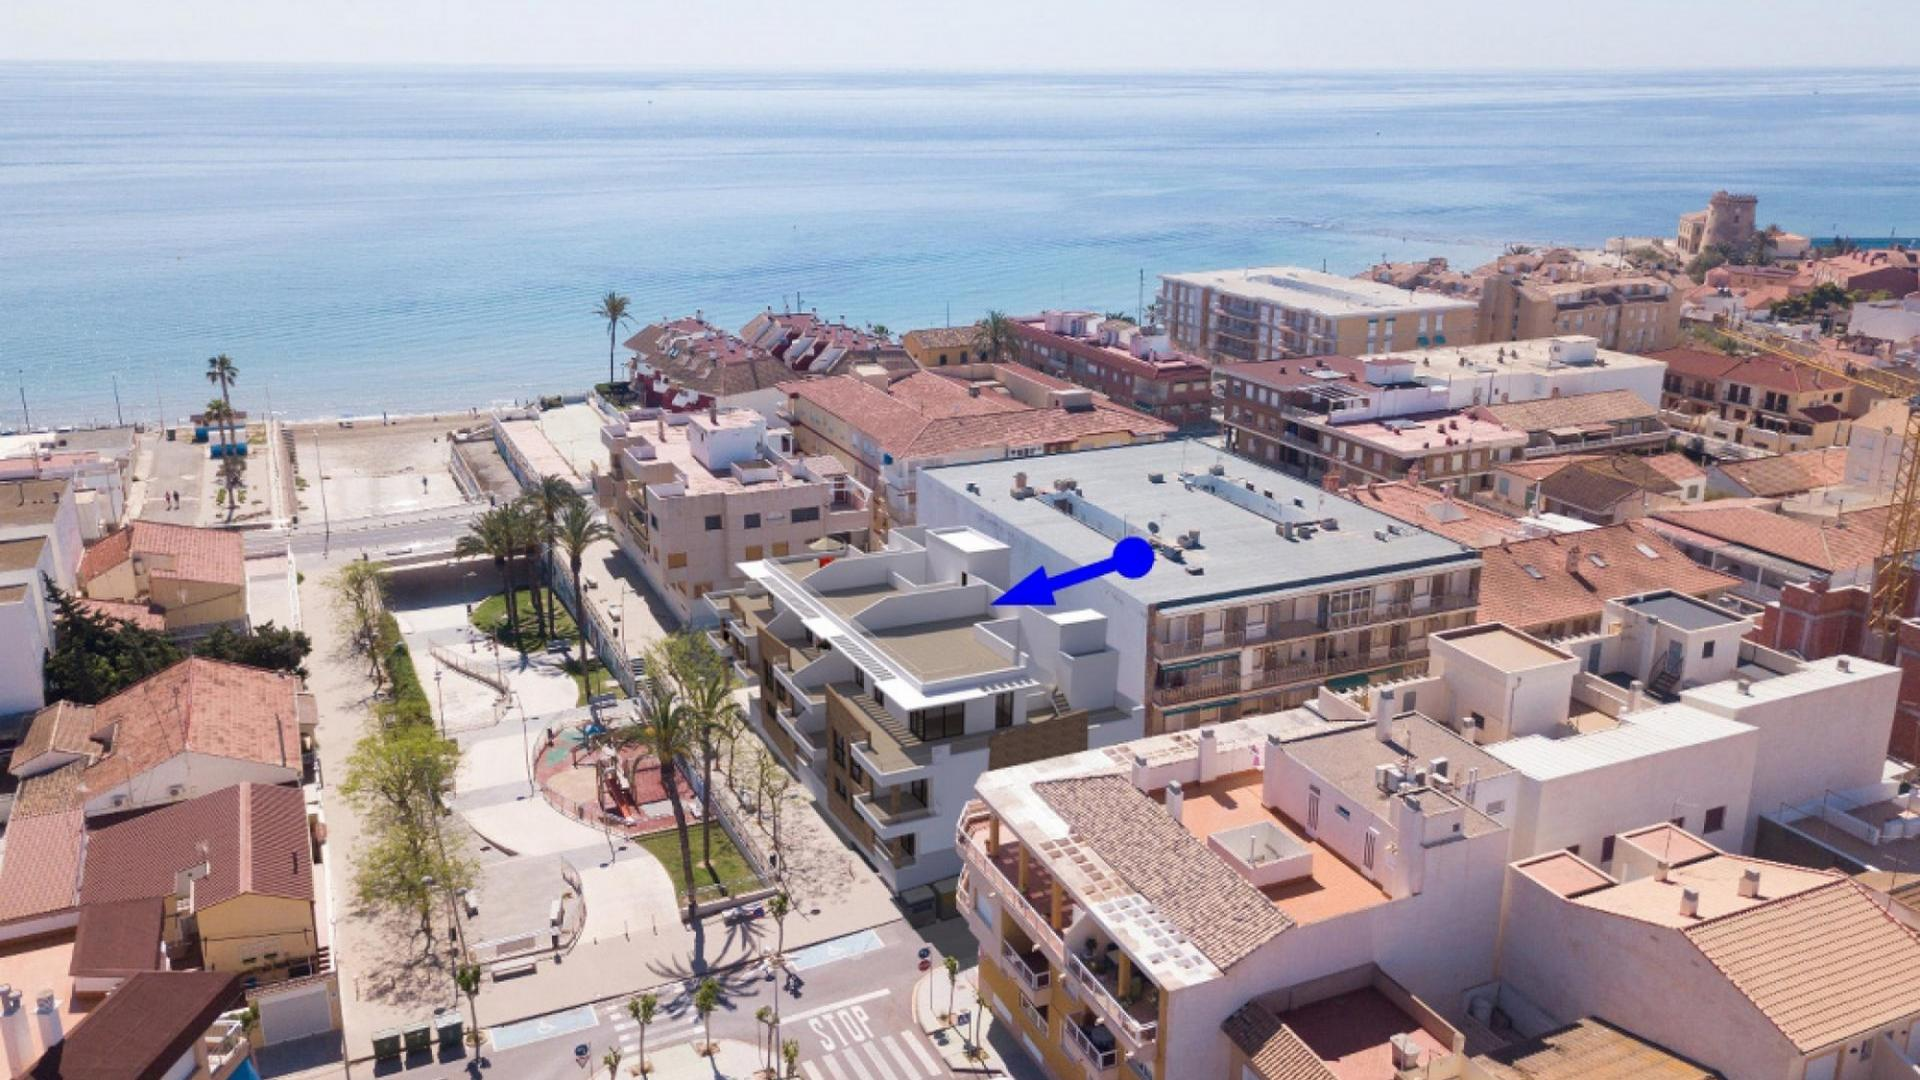 Vista Azul XXXIII - Torre de la Horadada